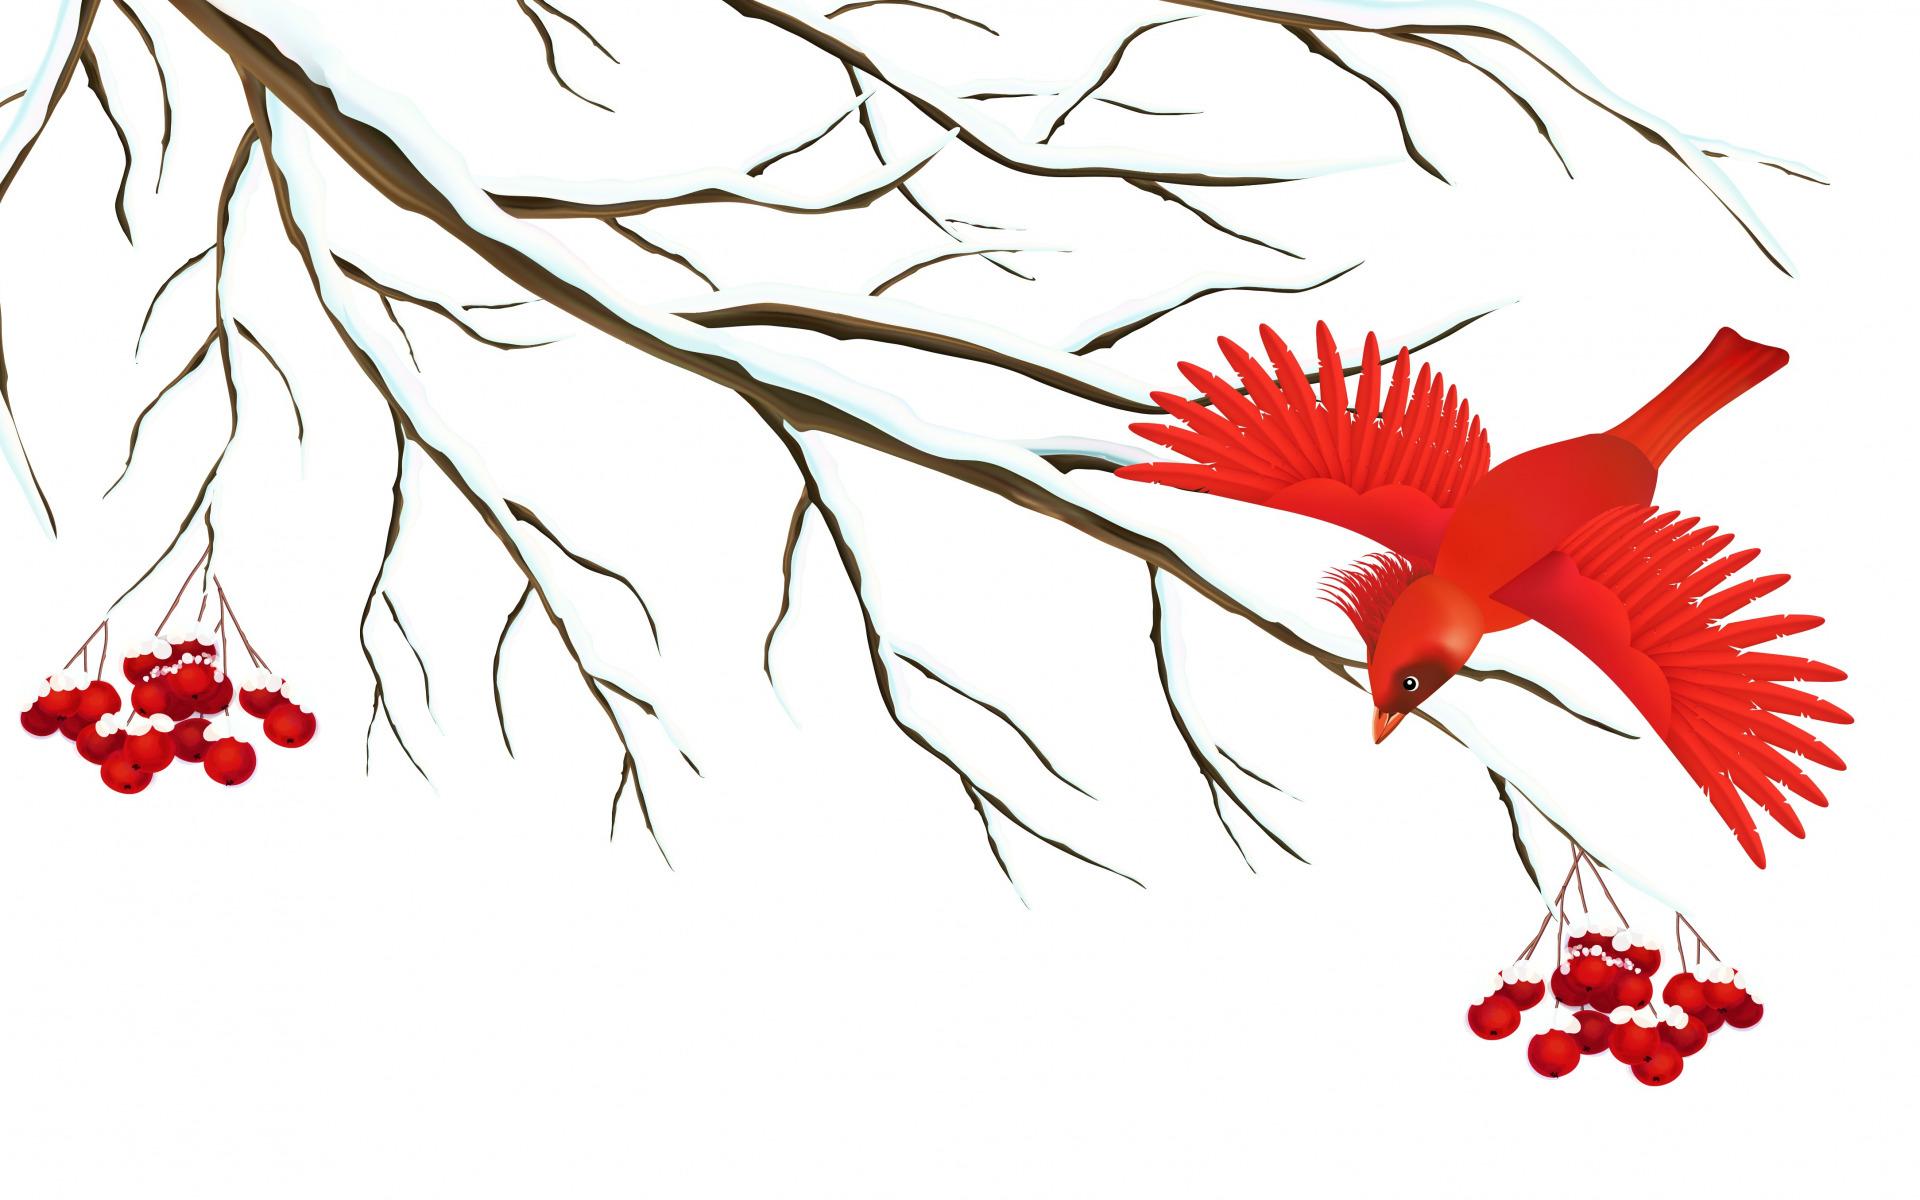 Веточка рябины зимой рисунок